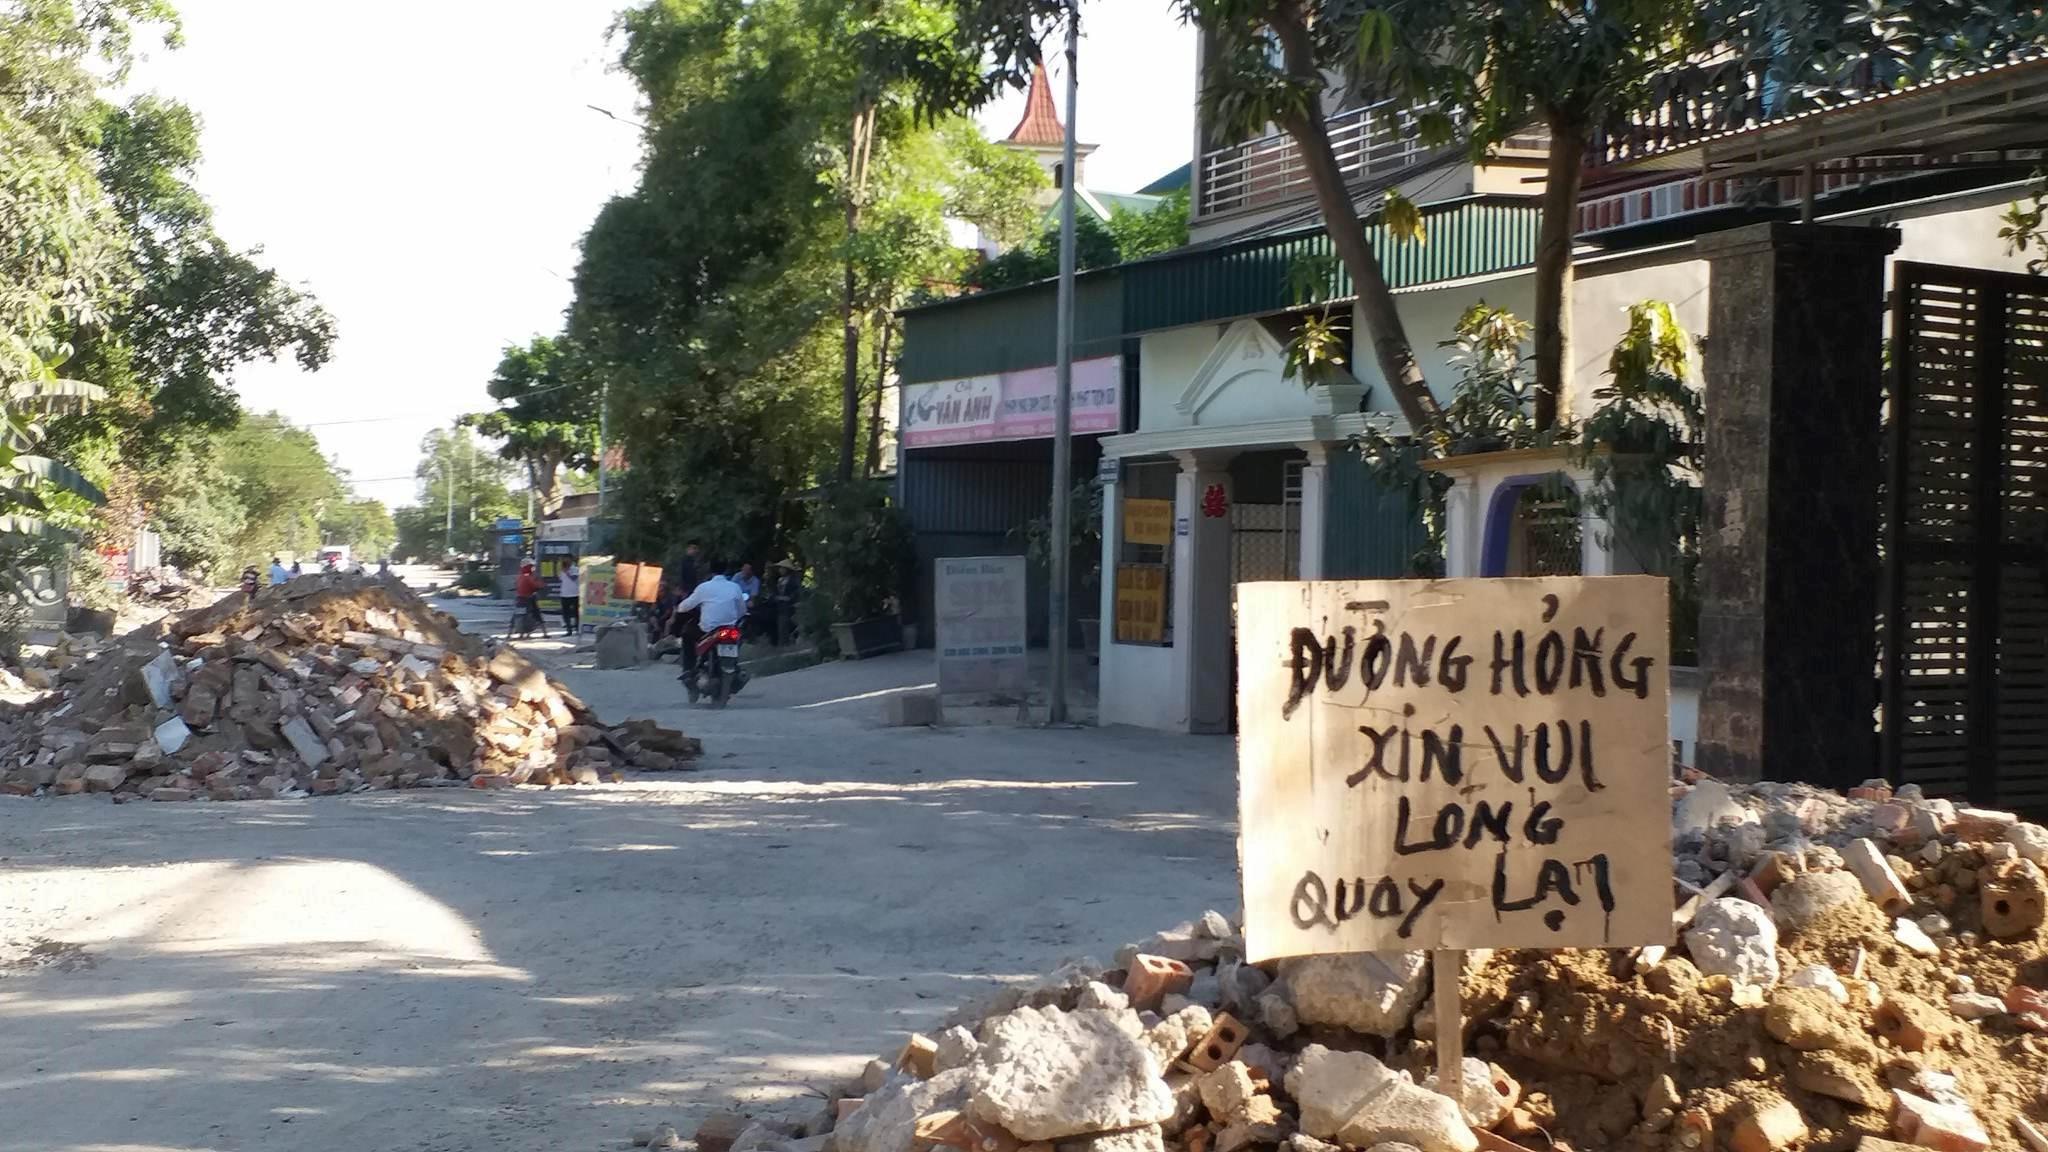 Người dân bức xúc đổ đất đá chặn cửa ngõ thành phố vì đường xấu